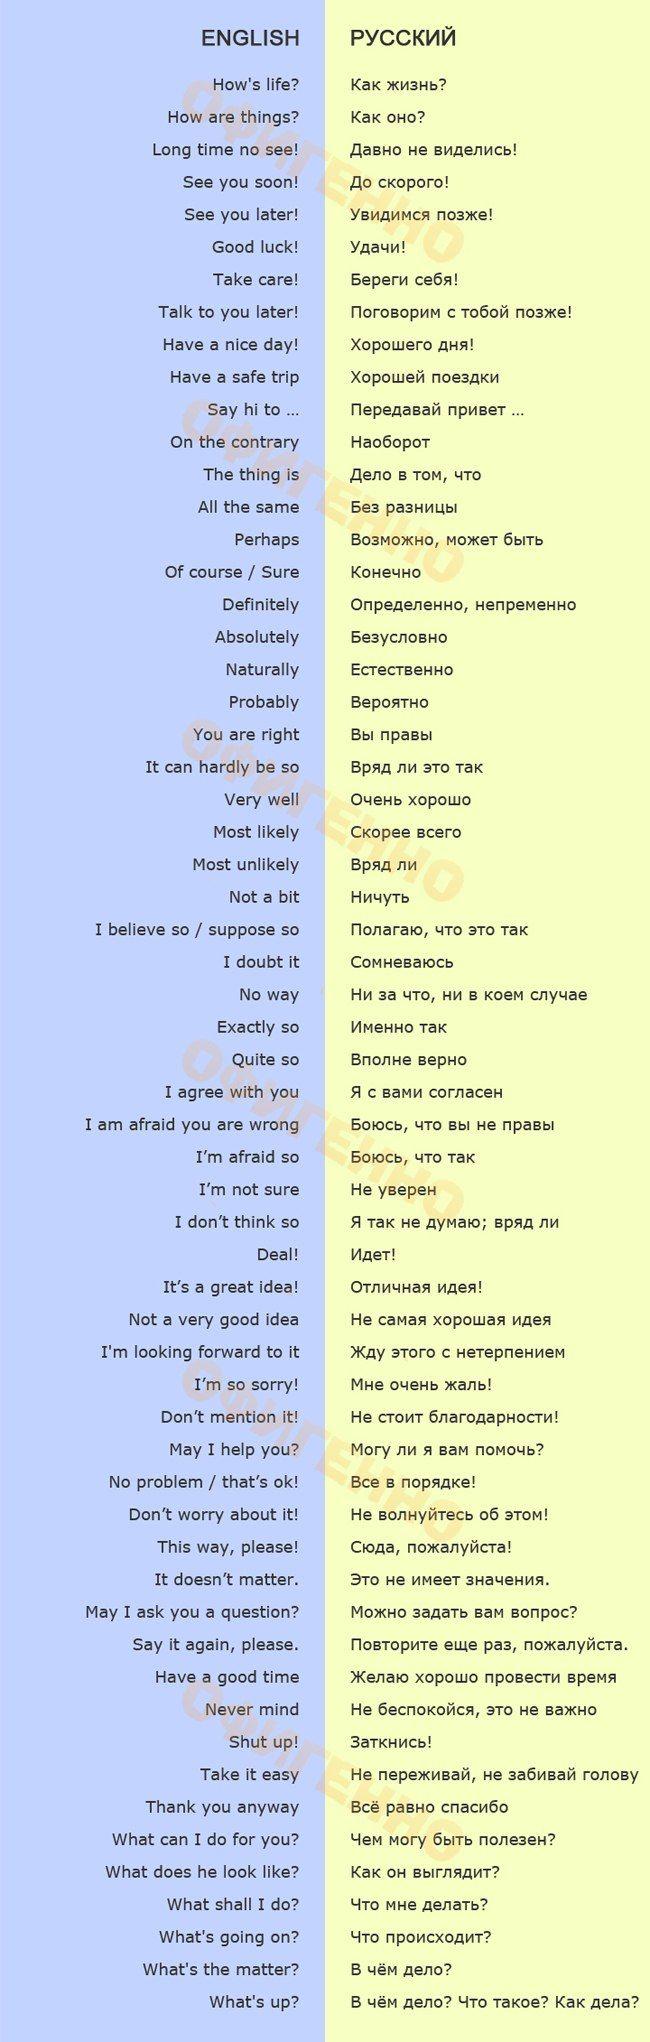 60 самых распространенных выражений на английском, без которых не обойтись. Бери на заметку!